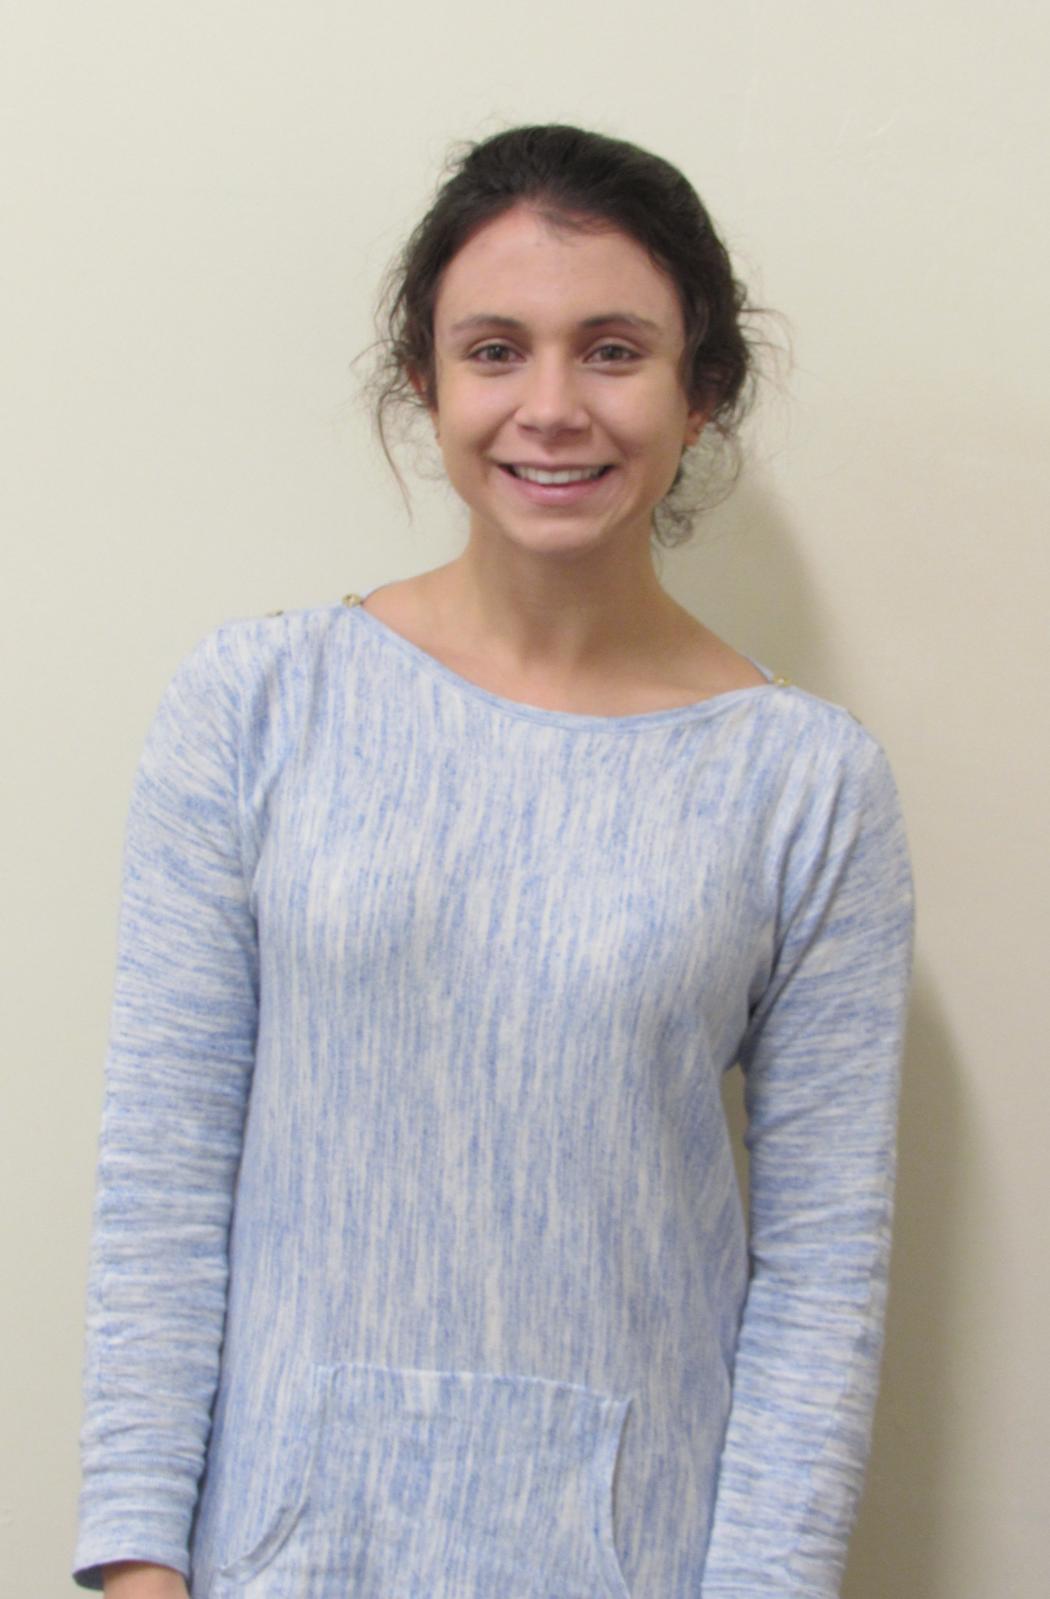 Director of Philanthropy - Kayla Jebaily